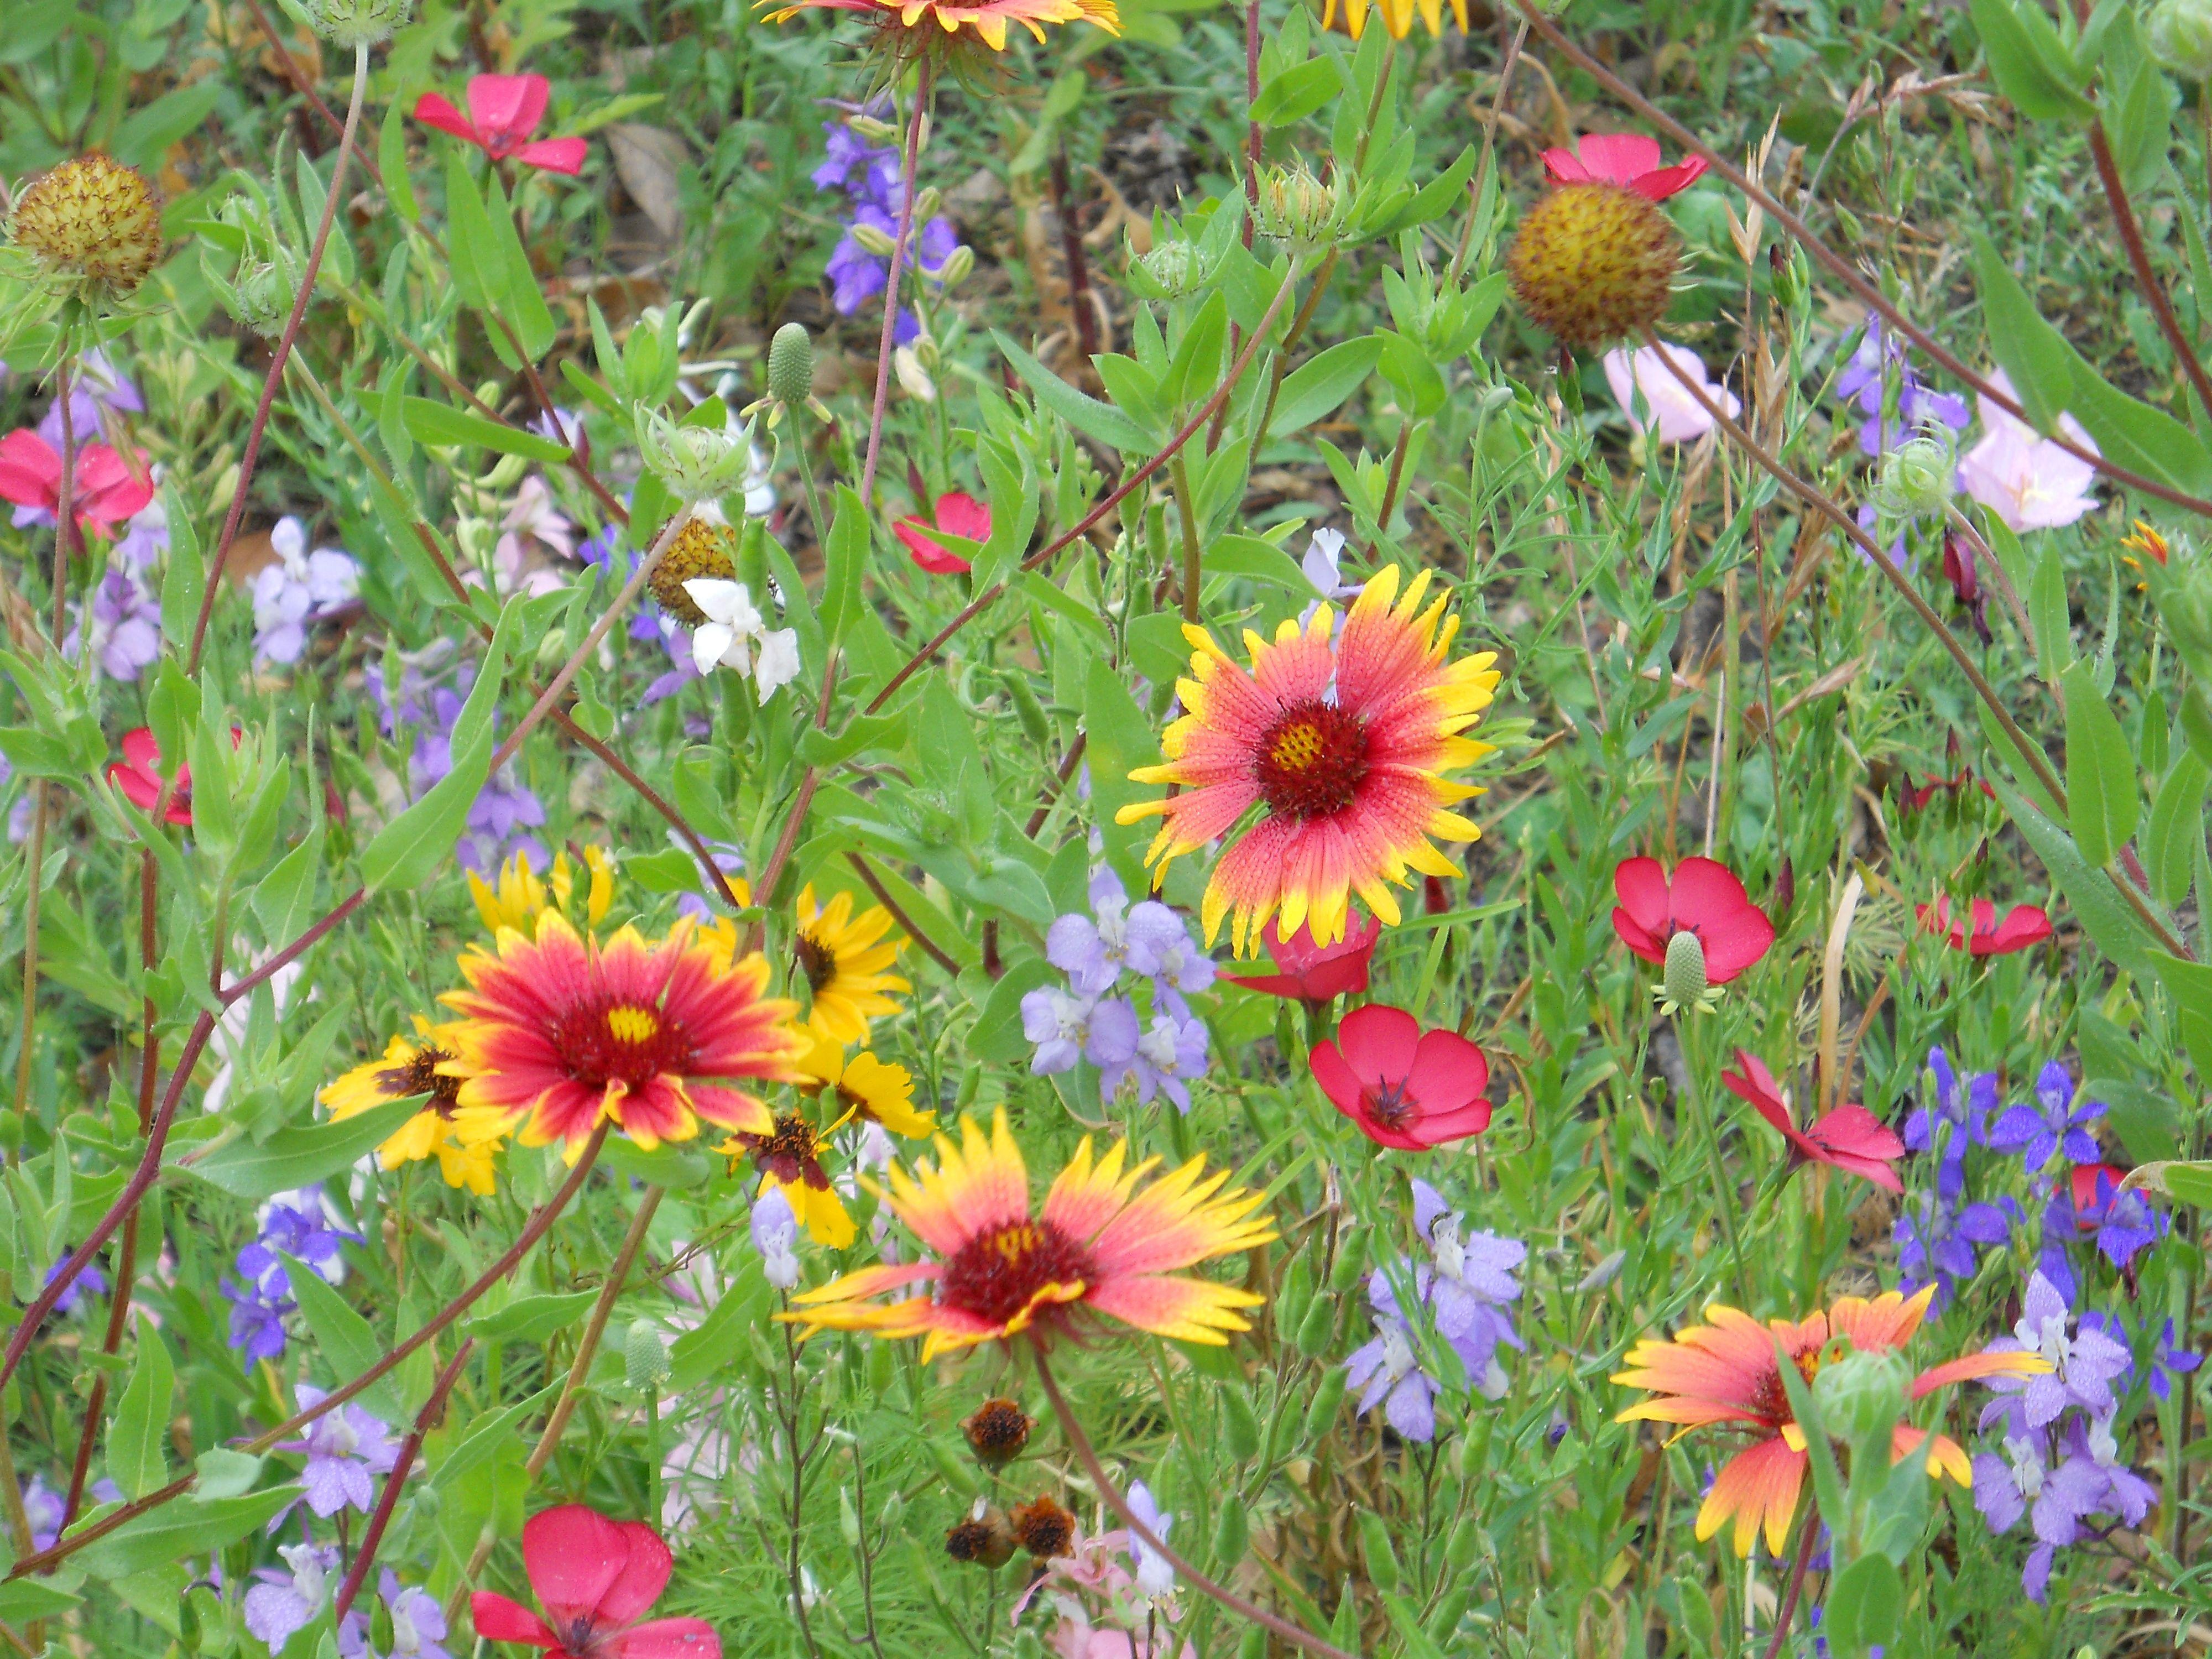 Wildflowers in my minimeadow include blanket flowers